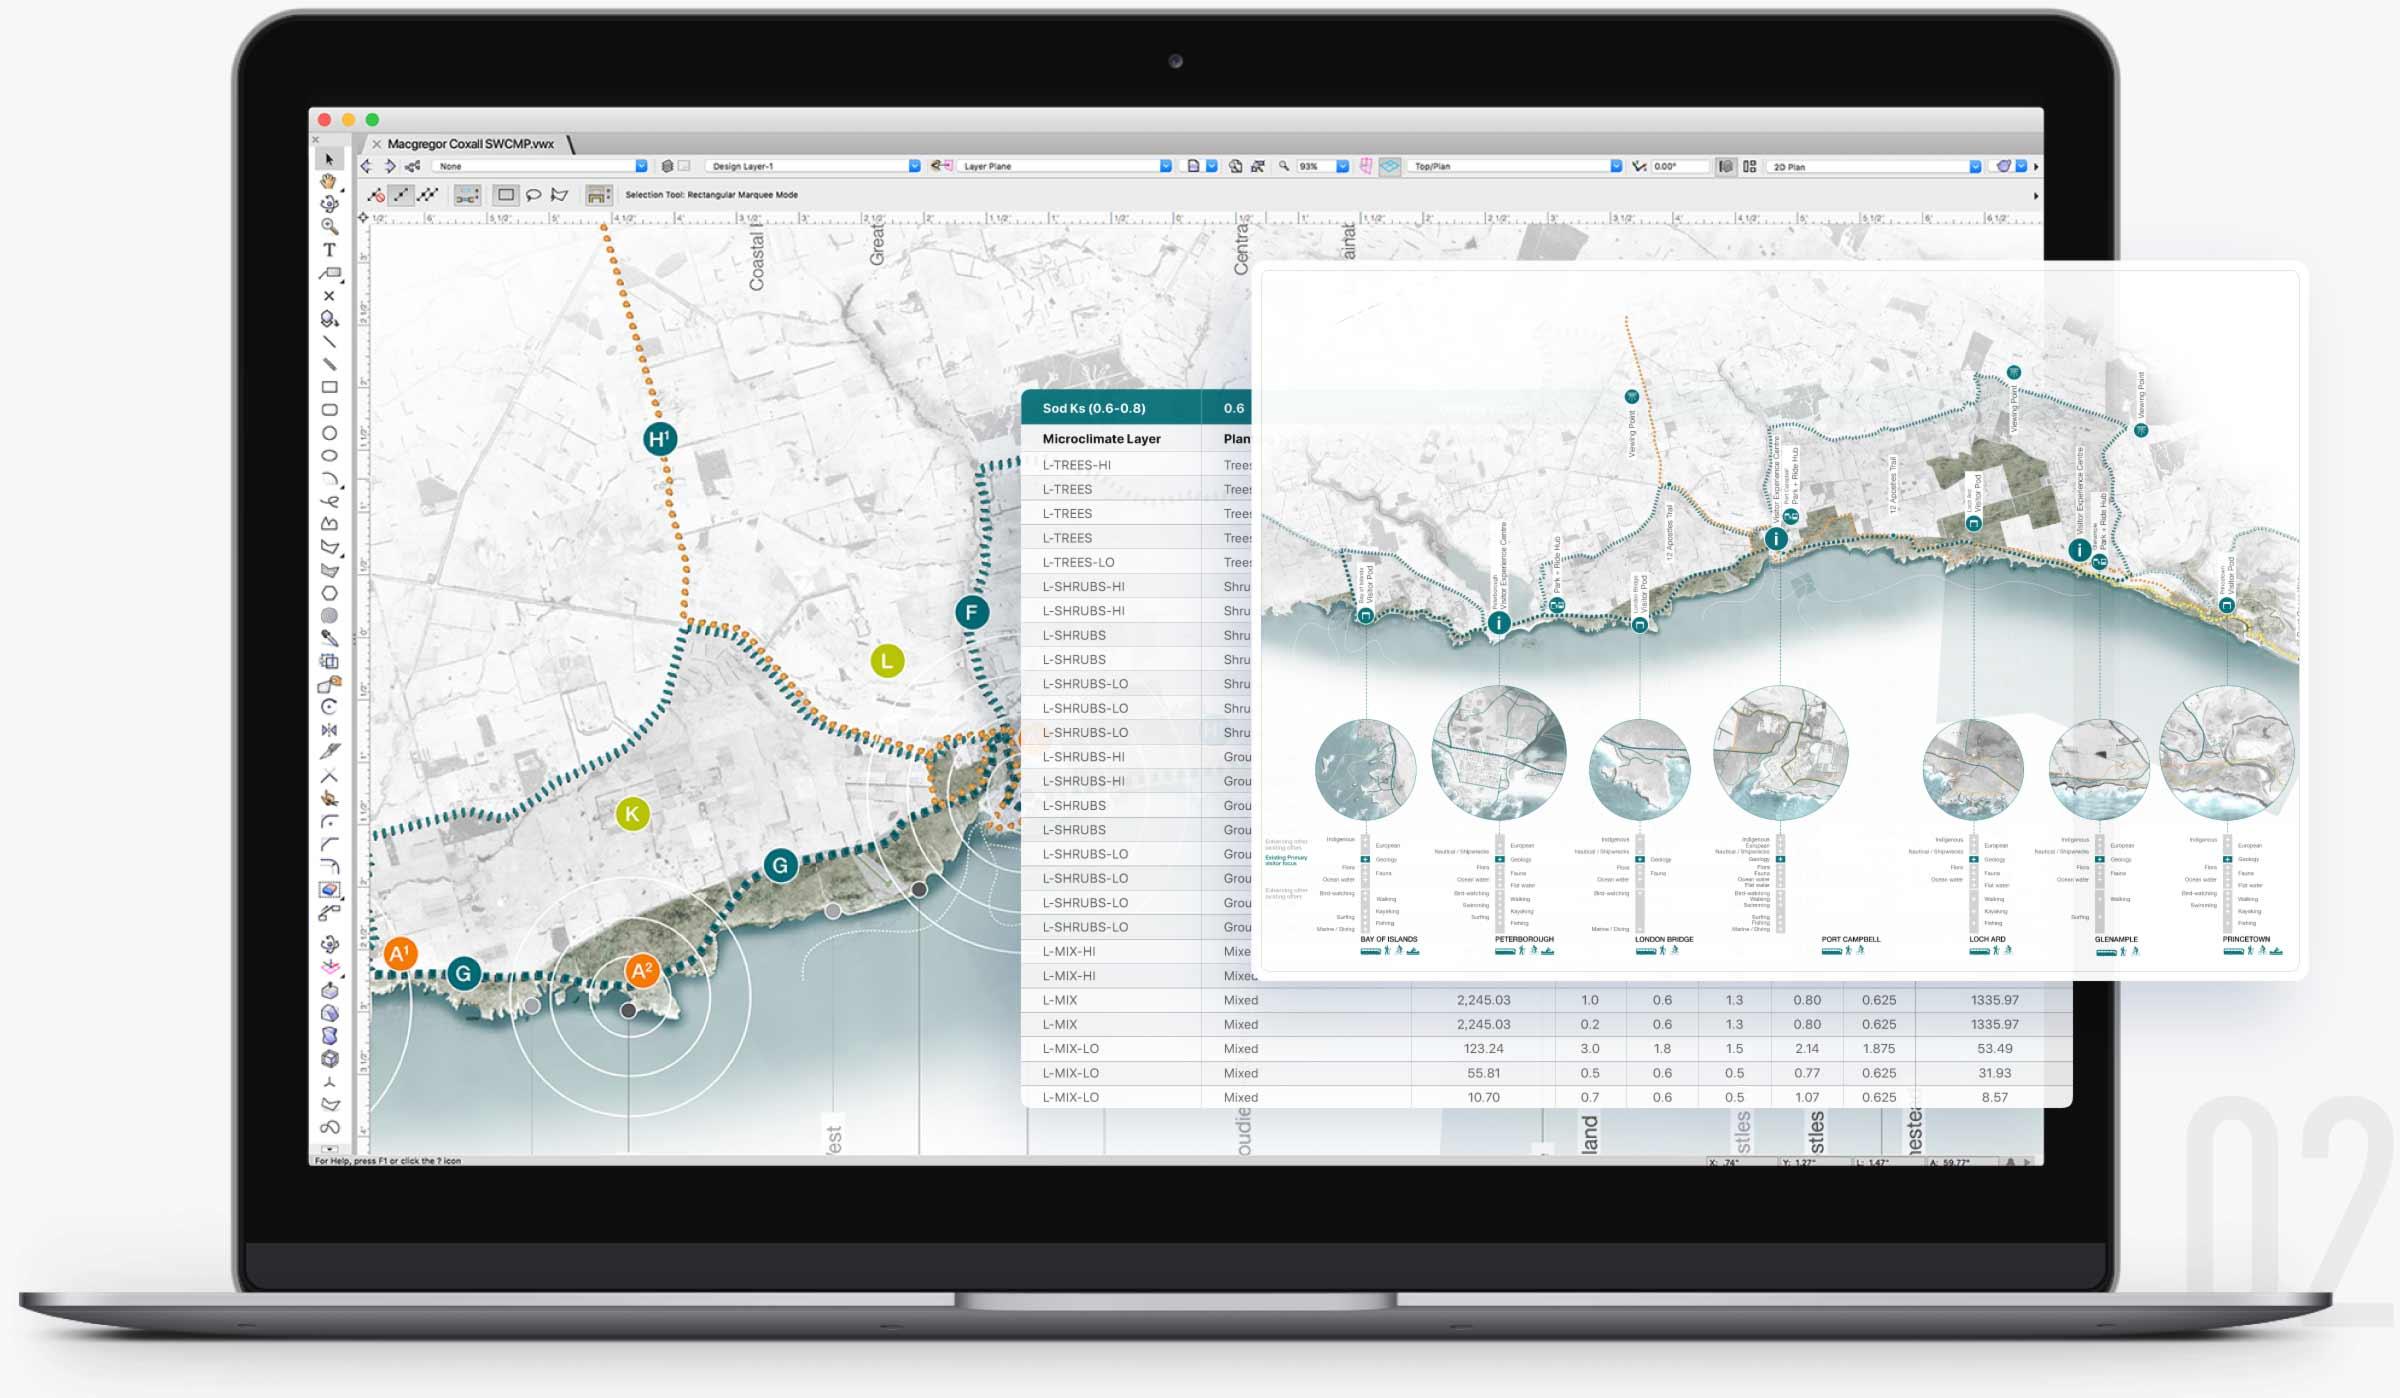 Bim Software For Landscape Design